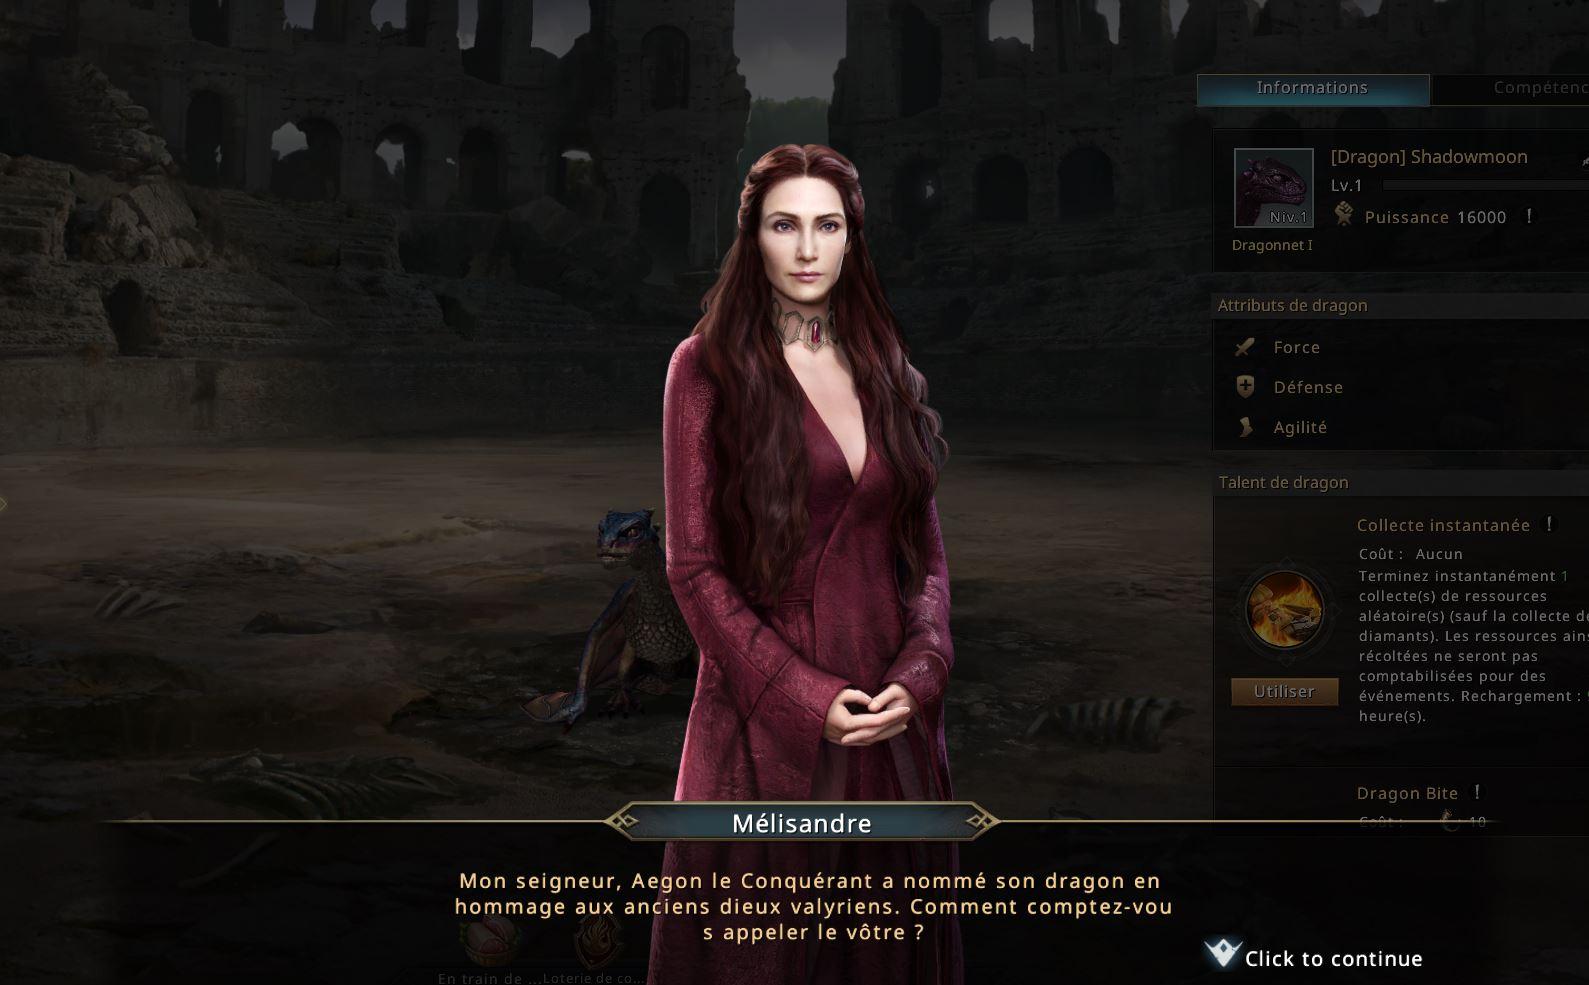 Mélisandre propose de renommer le dragon